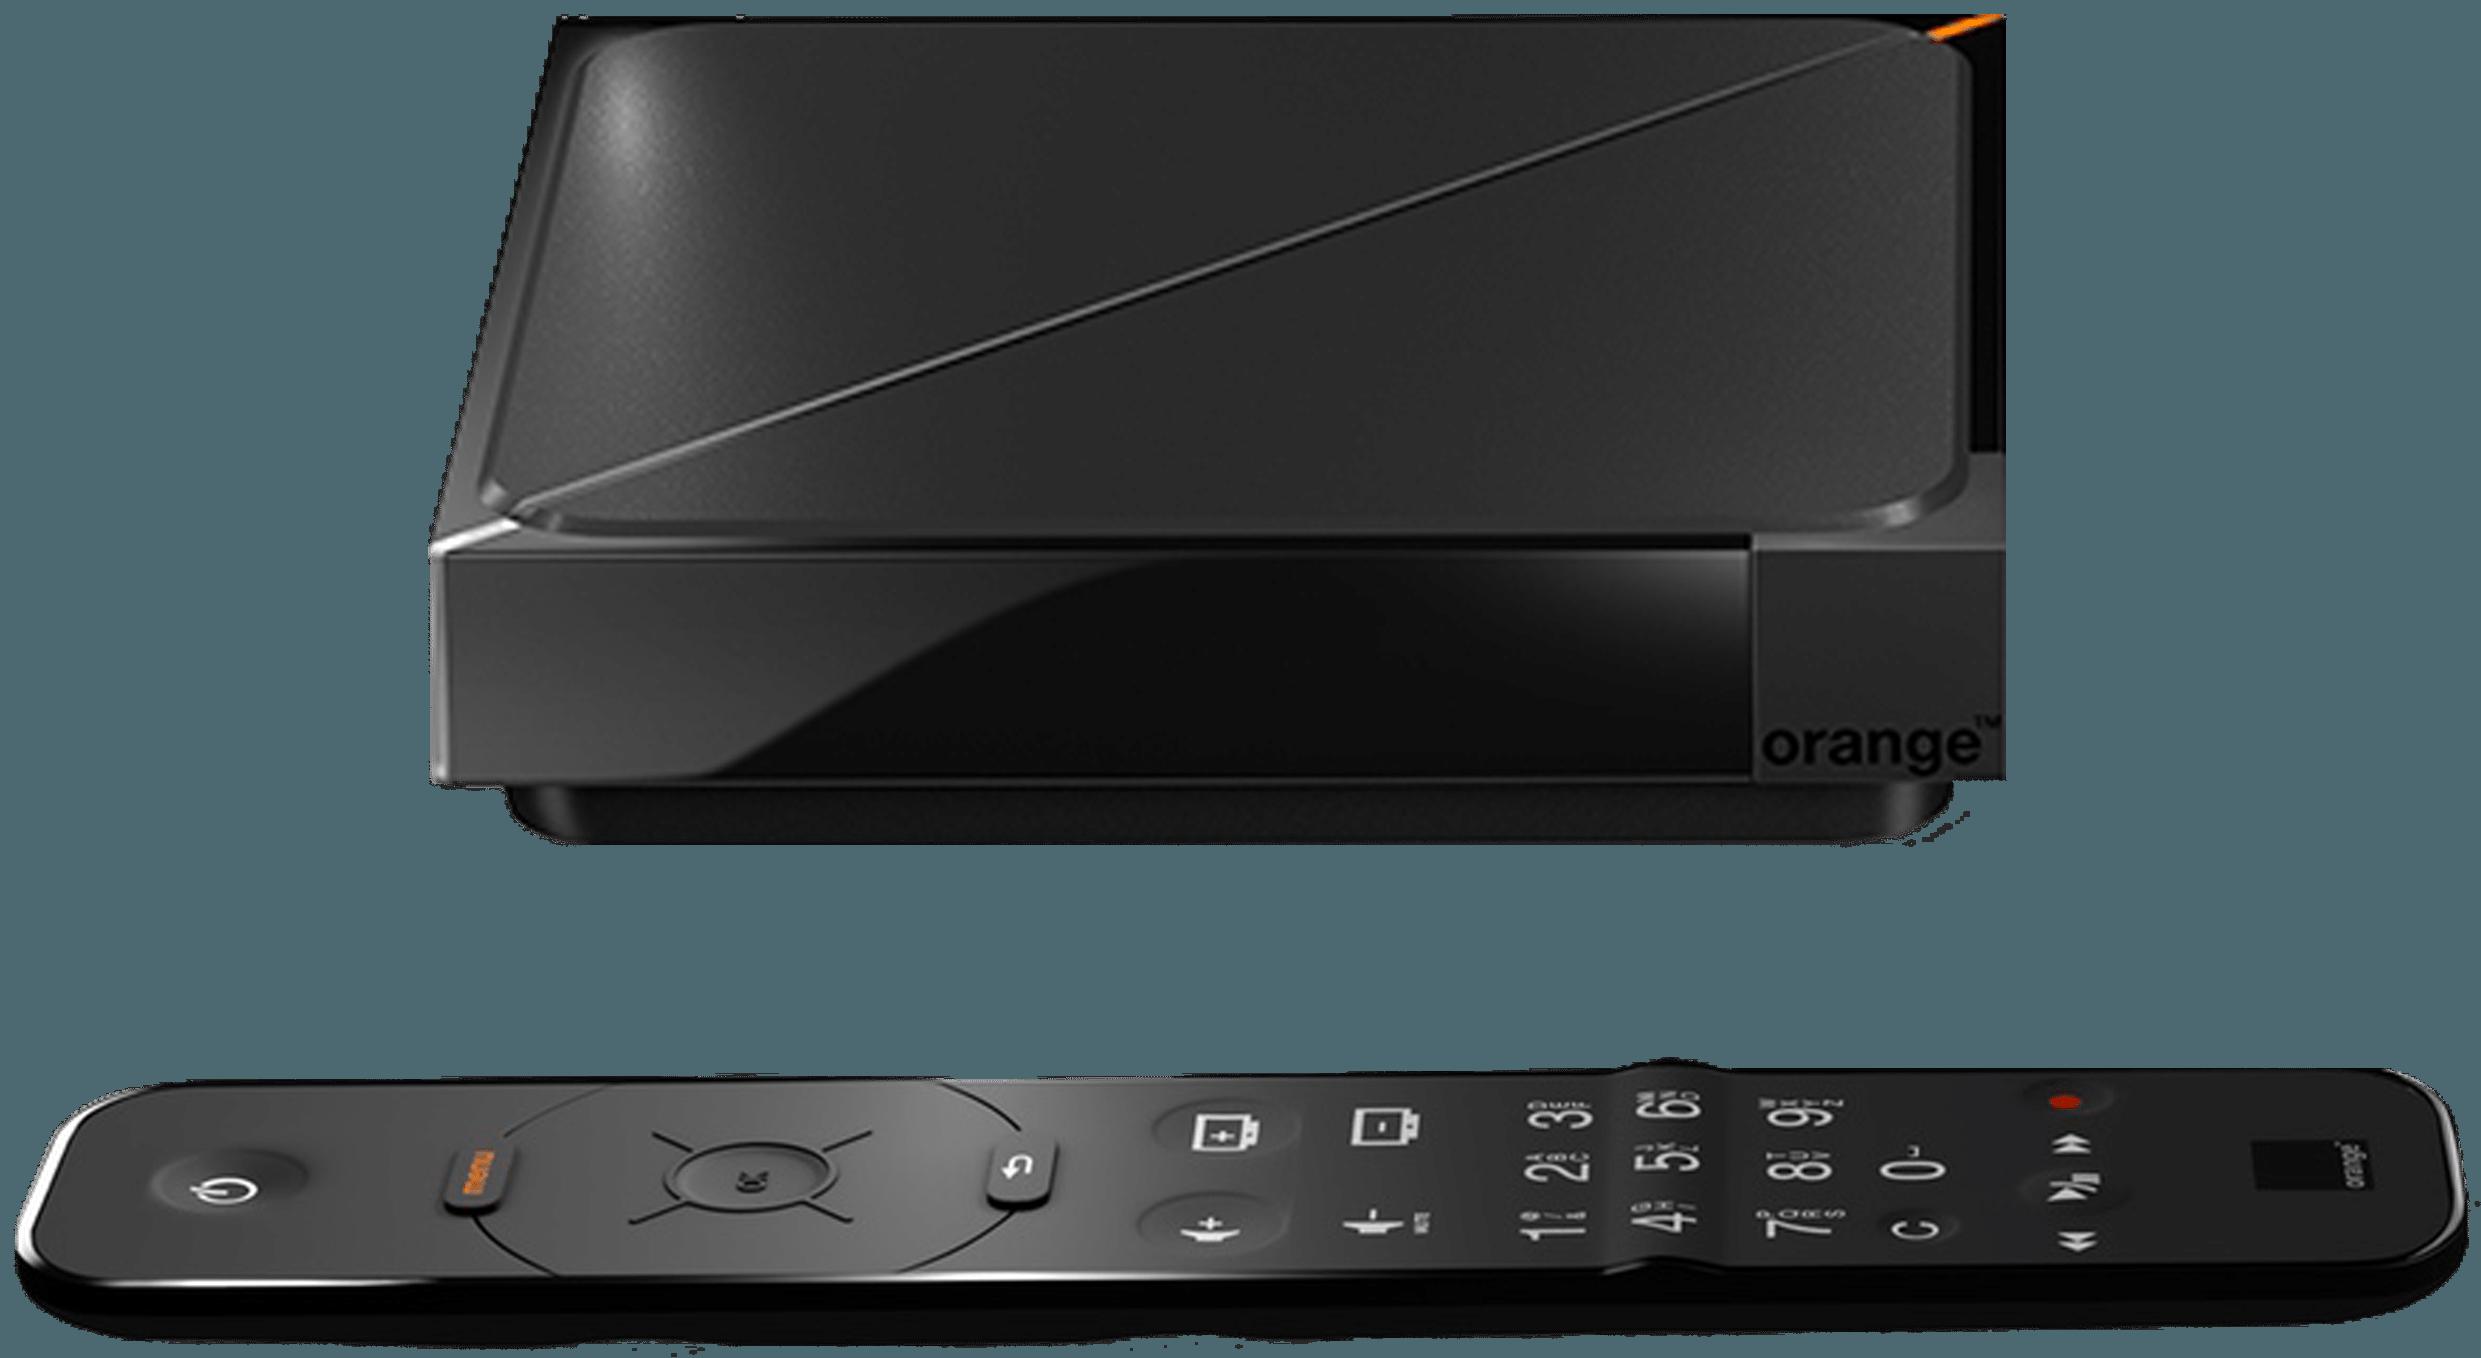 DÉCODEUR TV UHD 4K ORANGE